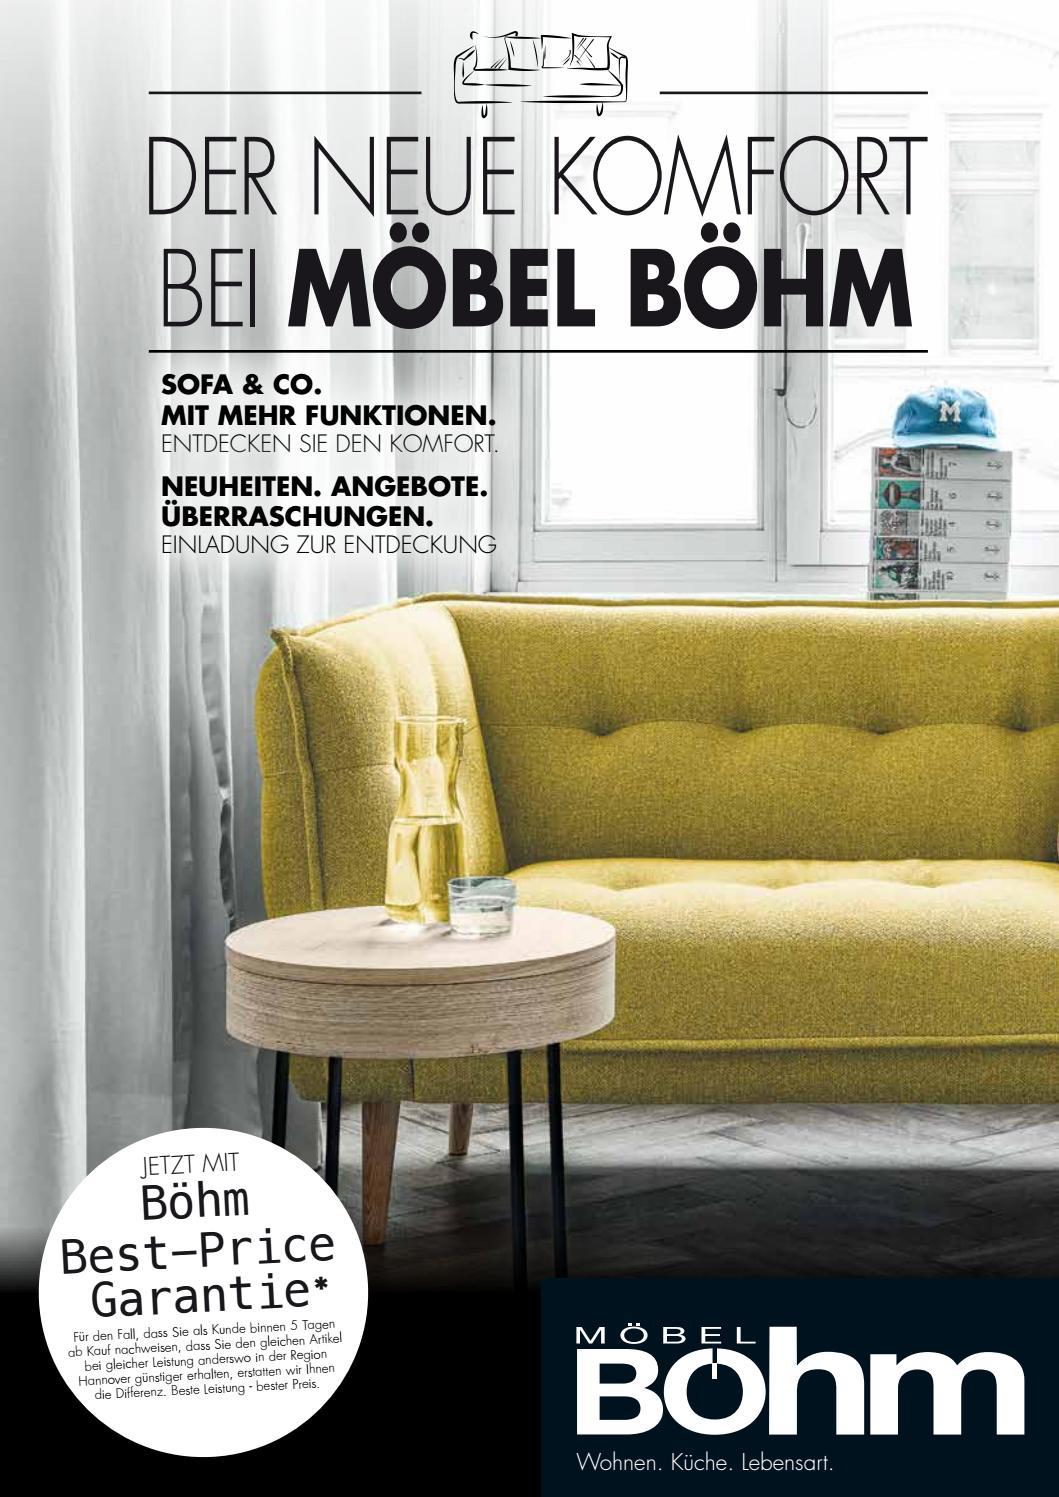 boehm jahreswechselprospekt by perspektive werbeagentur issuu. Black Bedroom Furniture Sets. Home Design Ideas